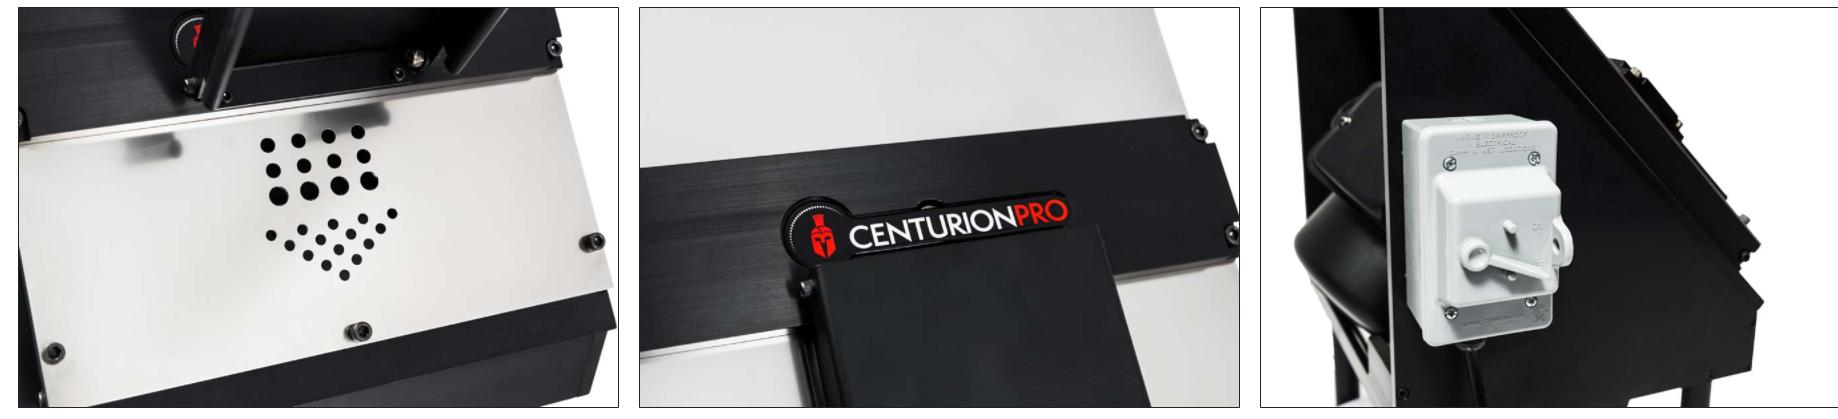 CenturionPro gc mini banner images